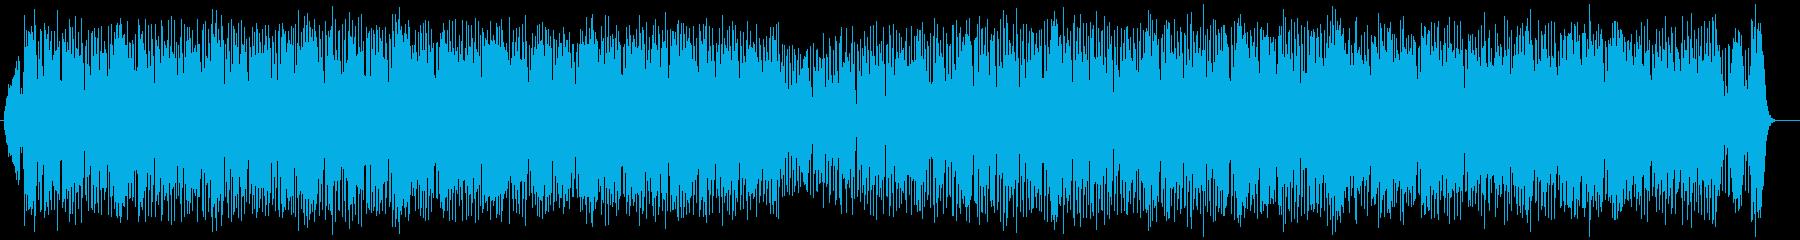 アップテンポのテクノ系ポップスの再生済みの波形